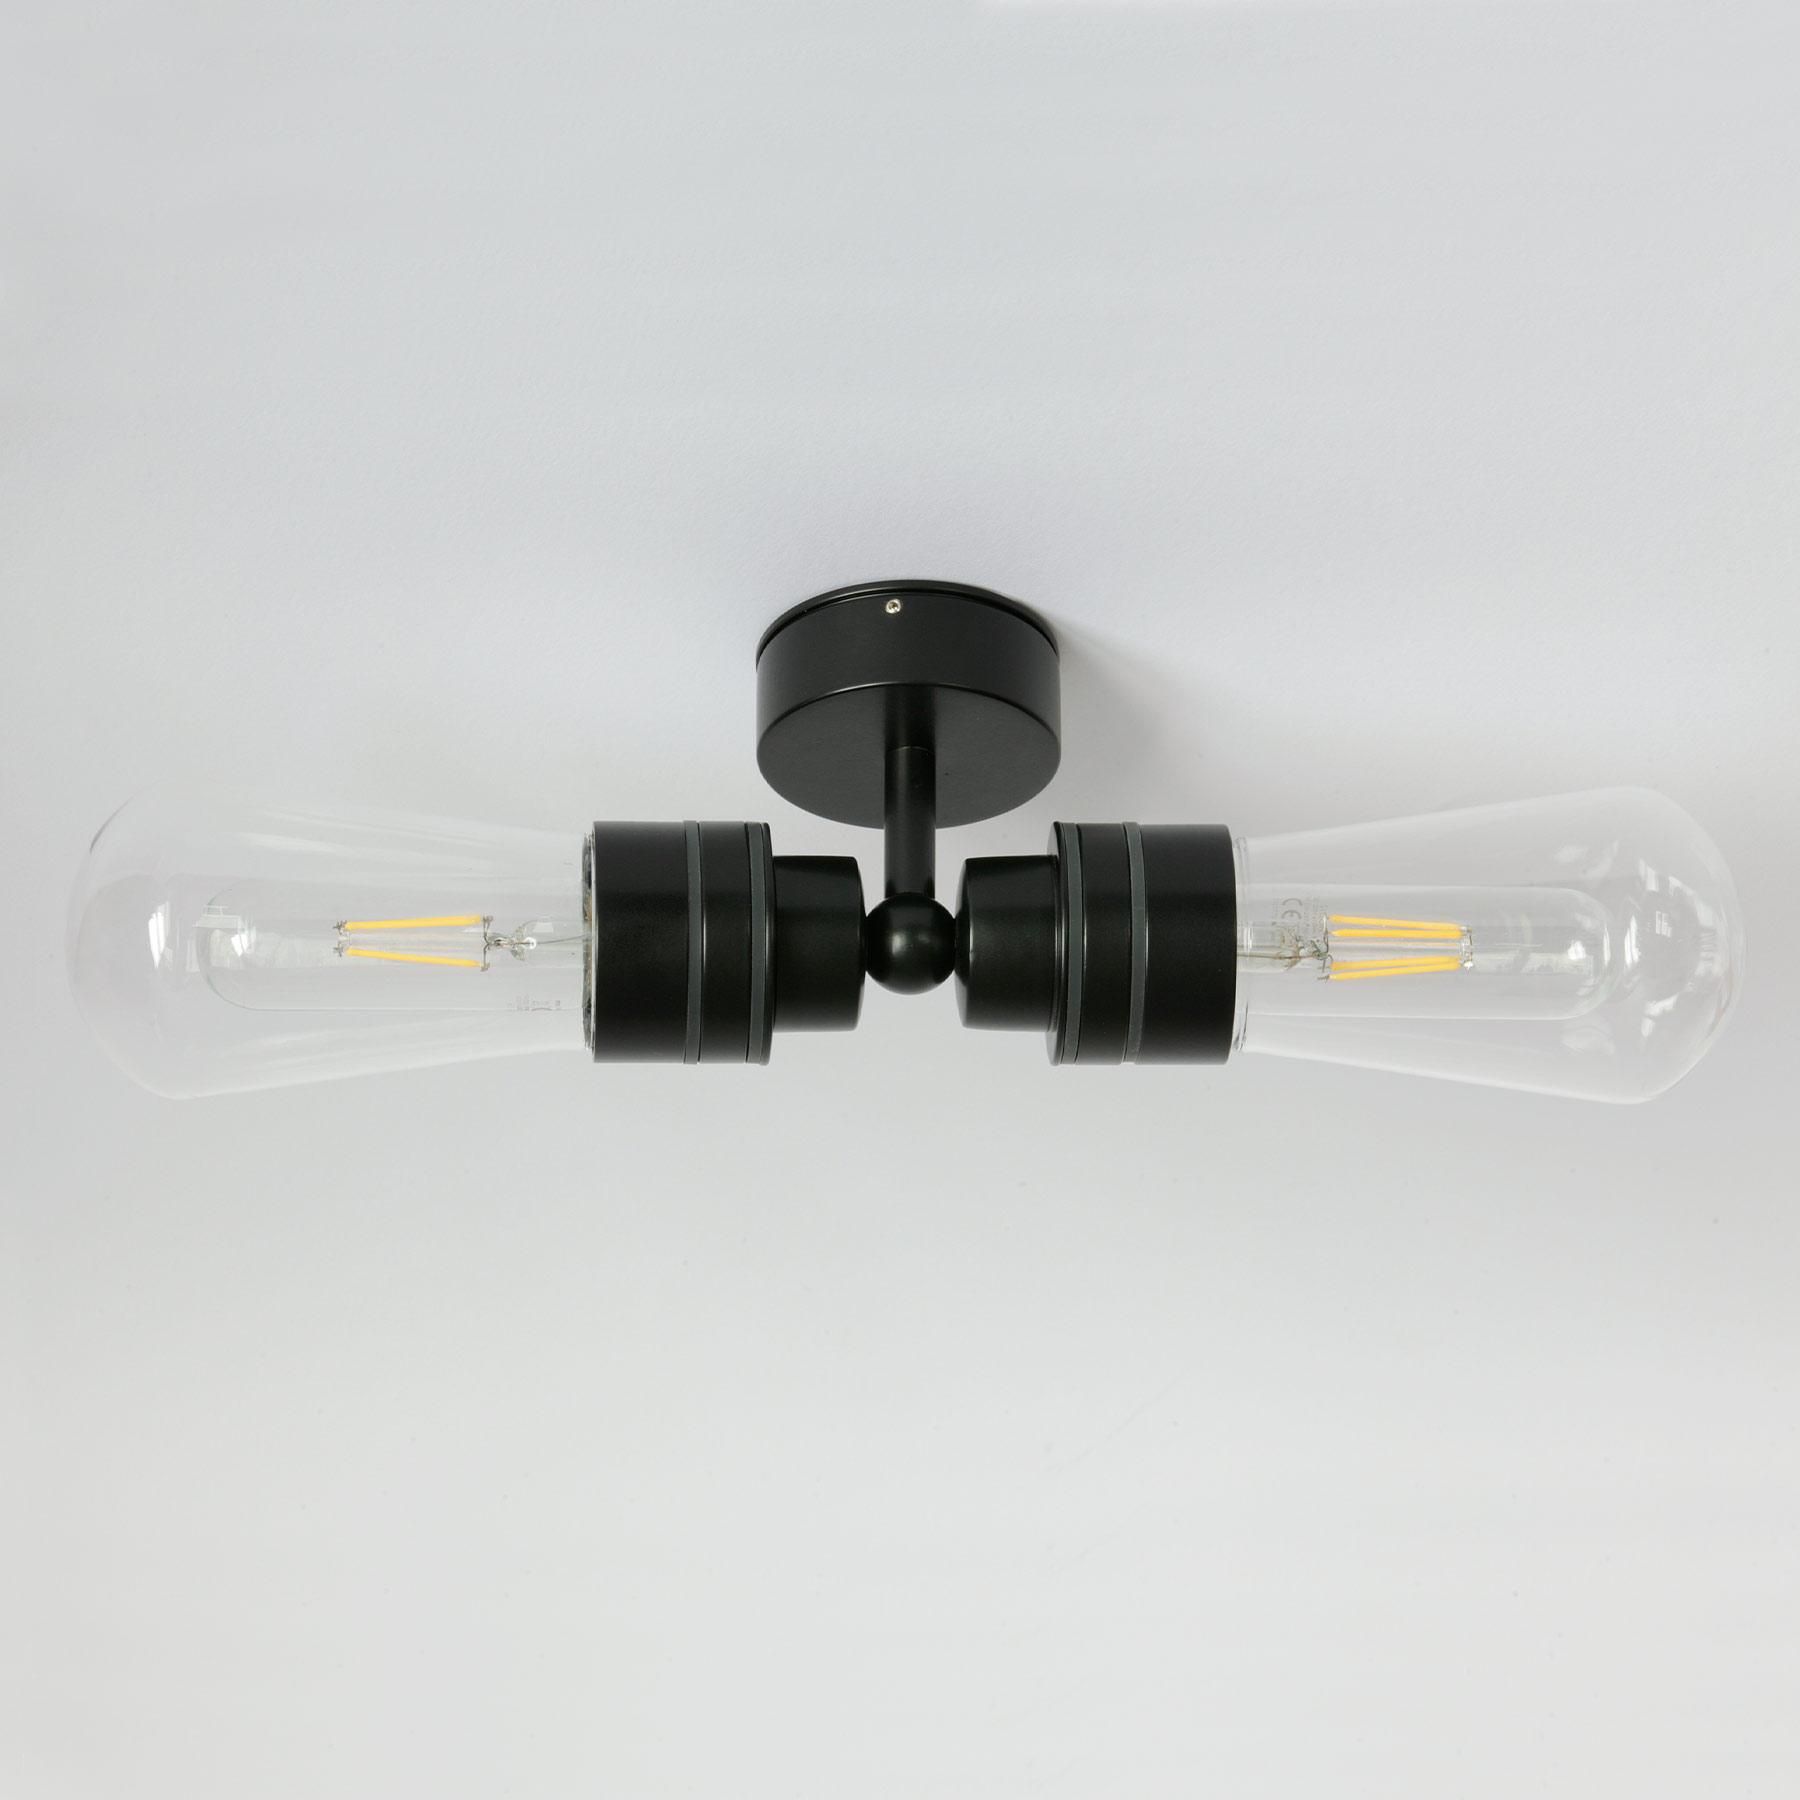 Doppel Badezimmer Lampe mit IP20 Glaskolben, Wand oder Decke ...